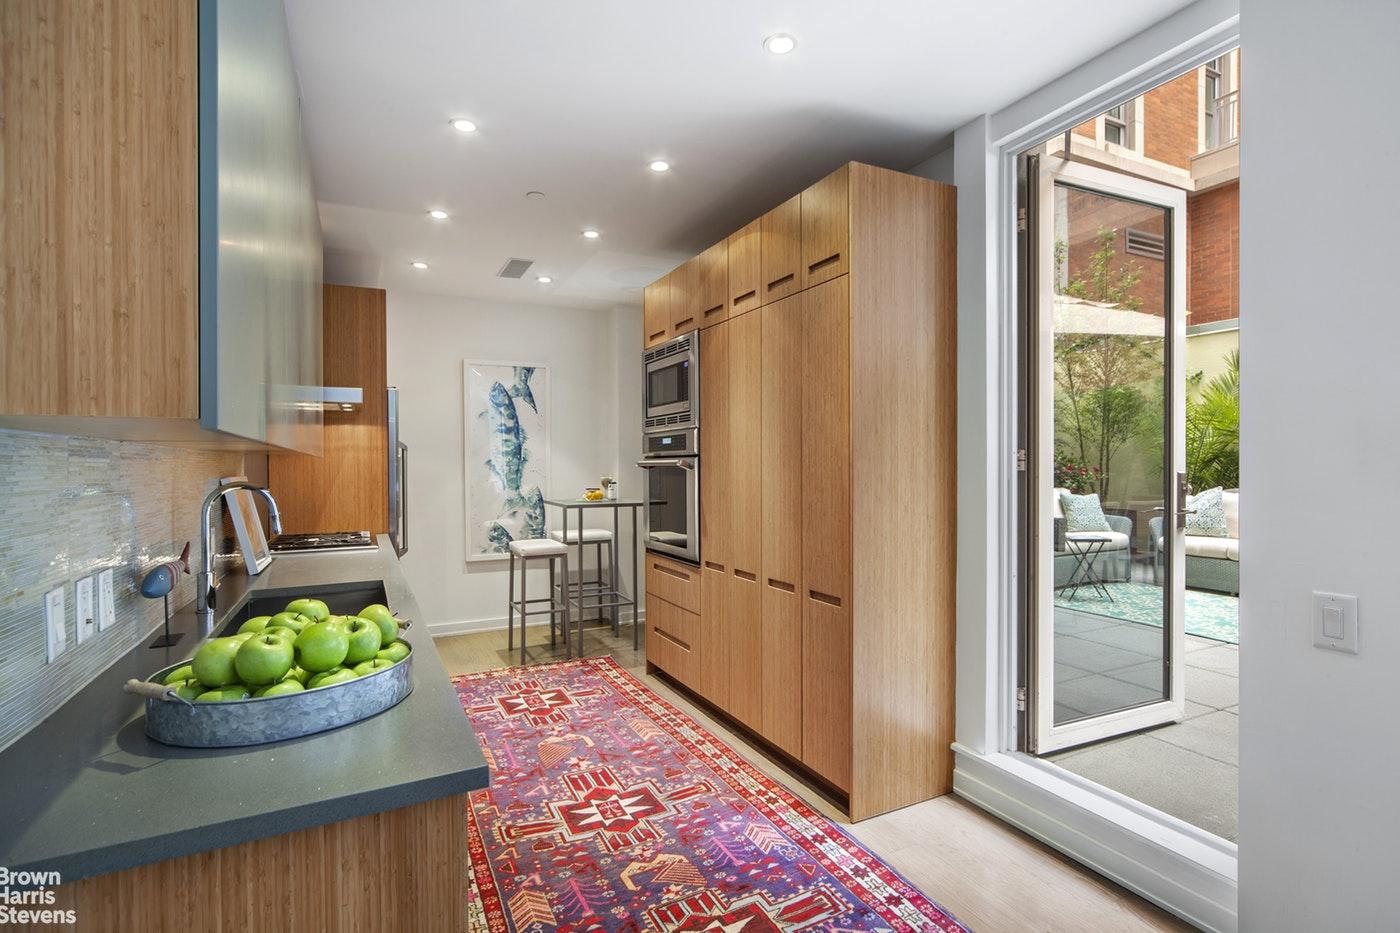 22 Renwick Street, Soho, Renwick Modern